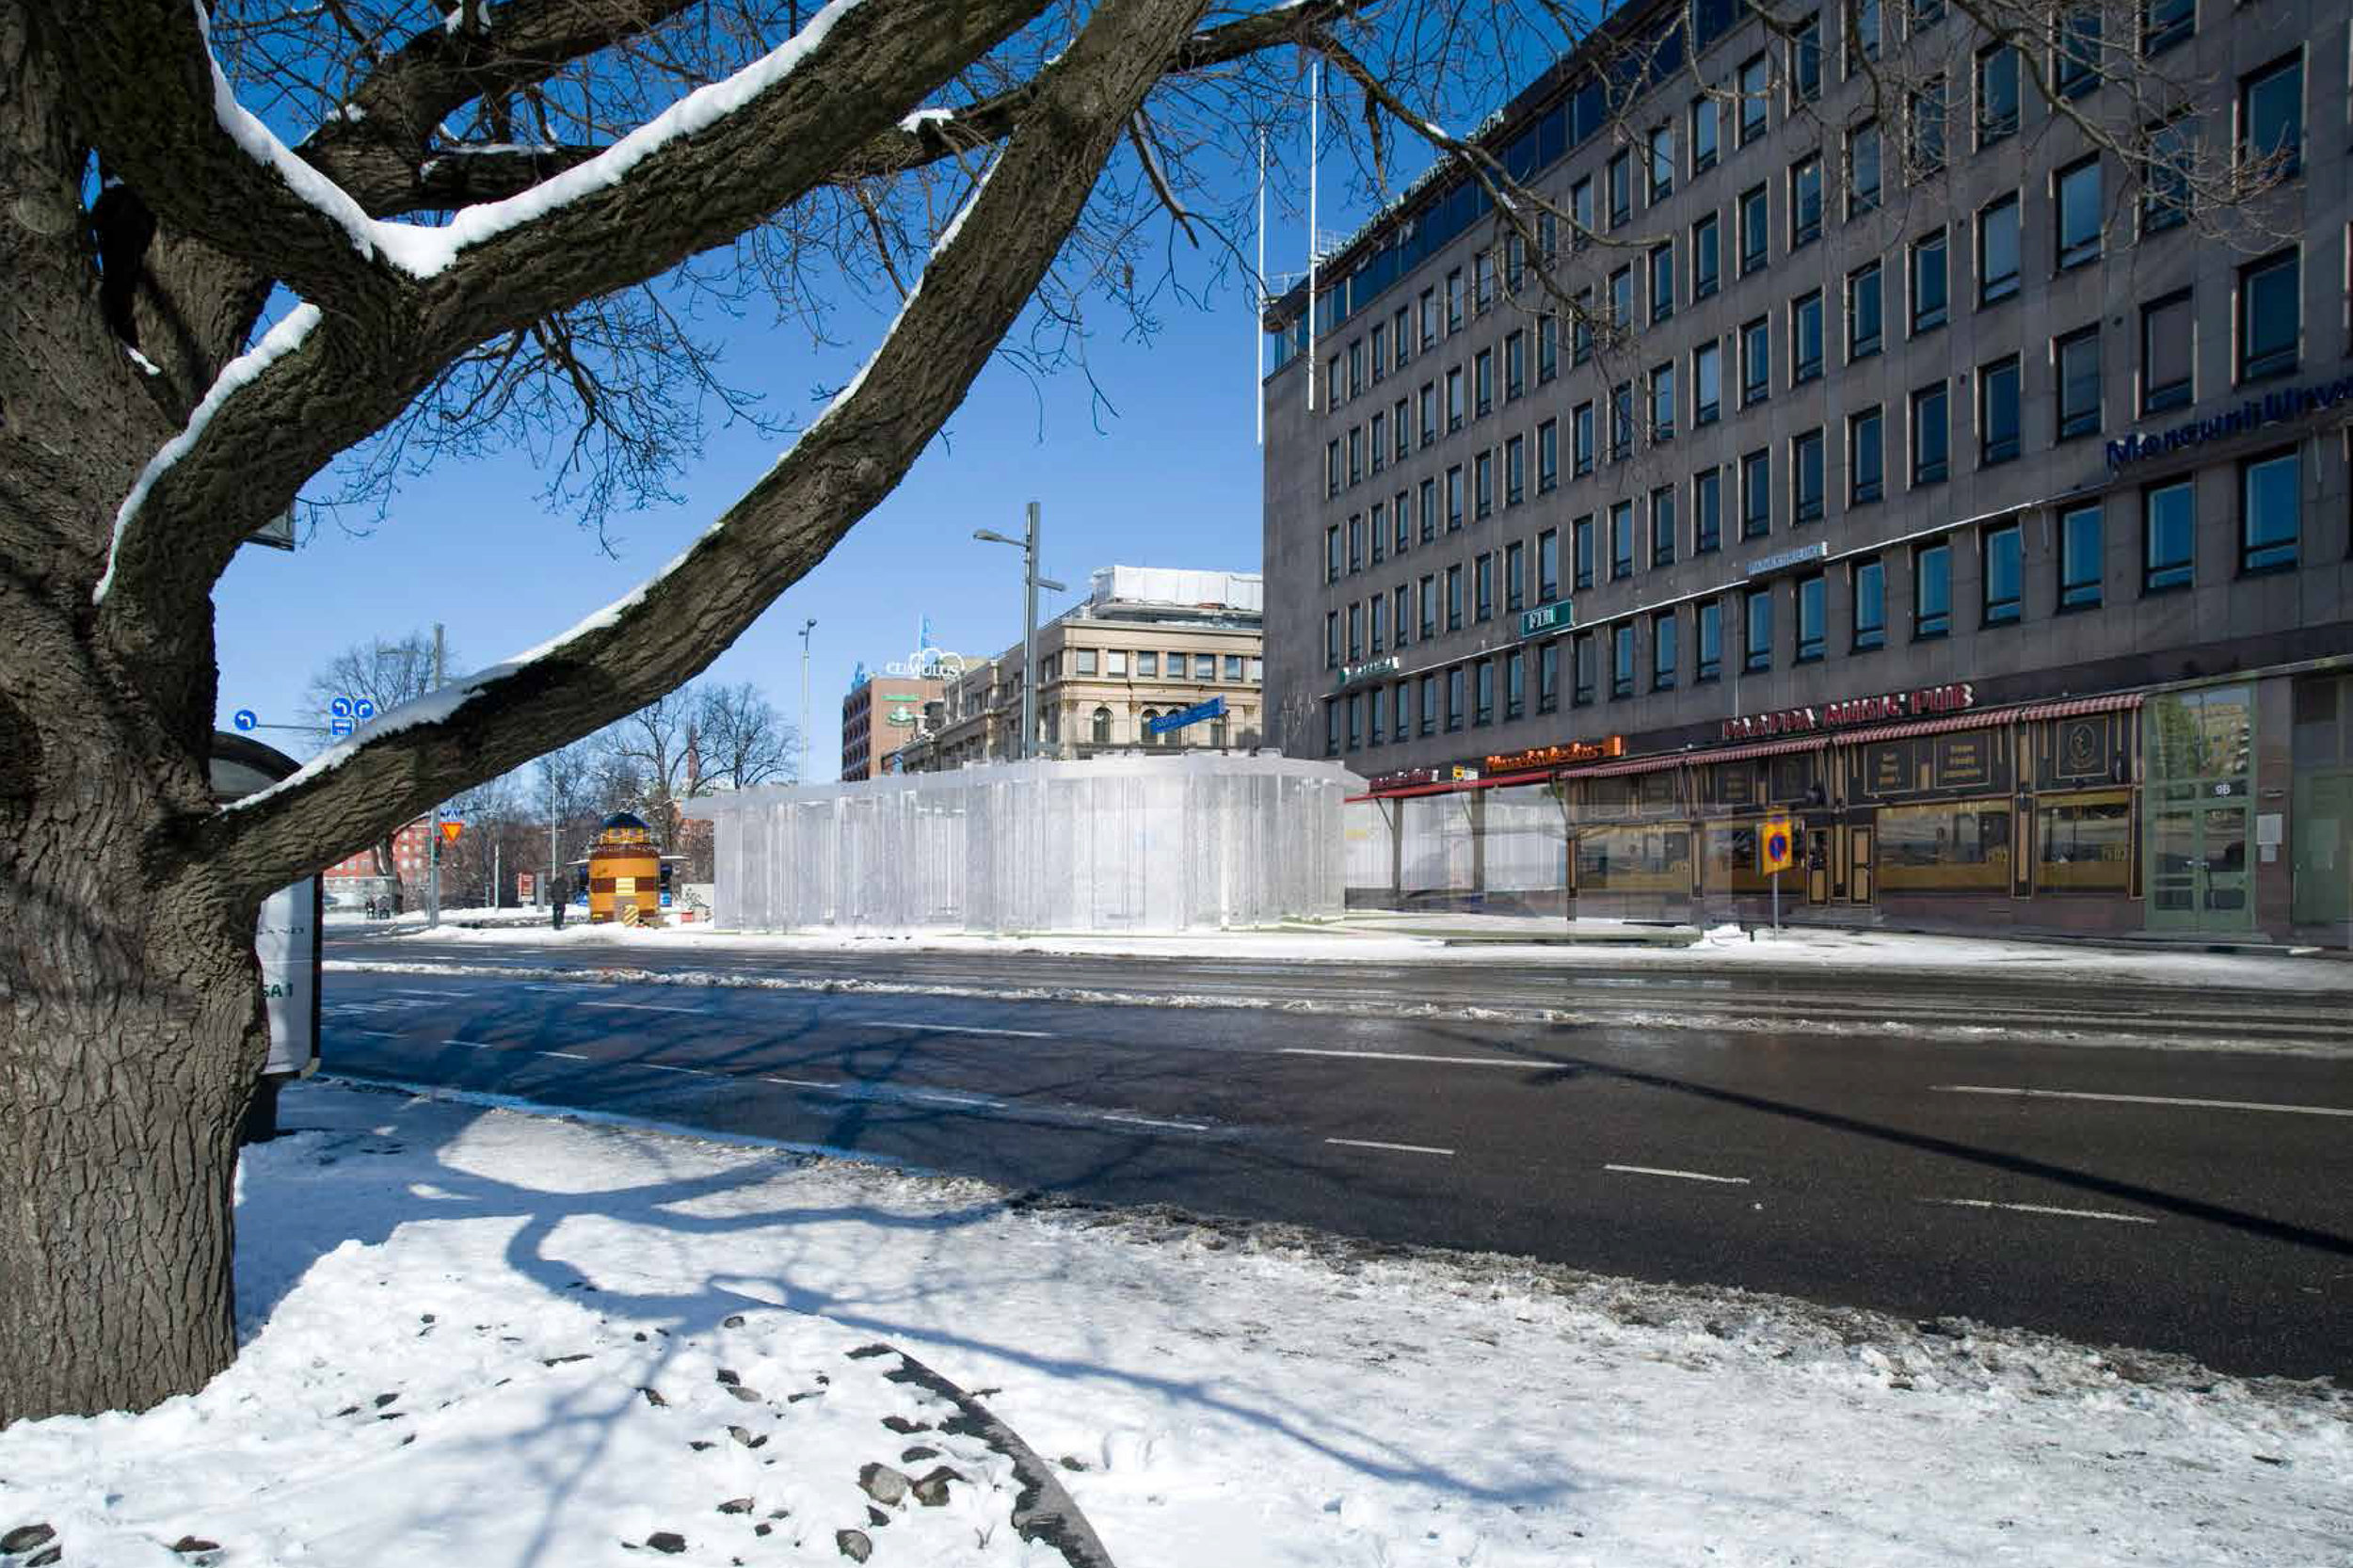 Tampere Pavilion_01122019 7.jpg